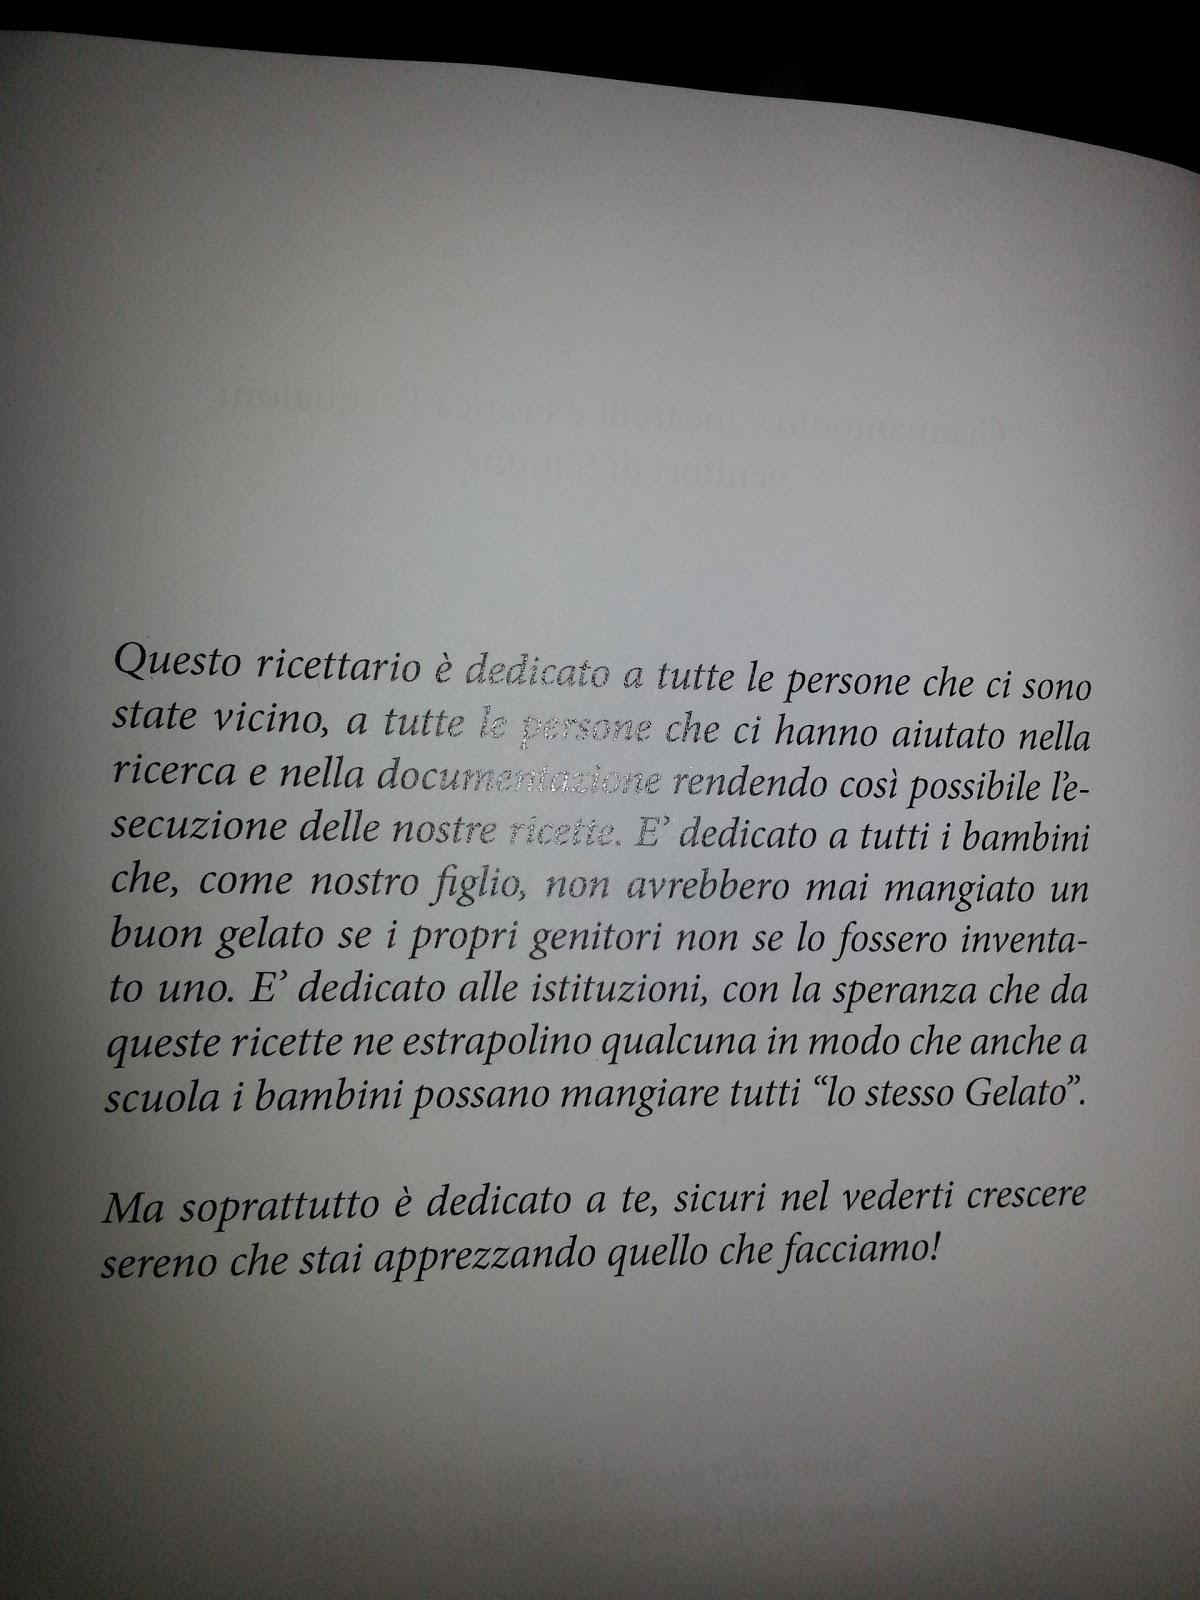 Cucina Vegana Orvieto